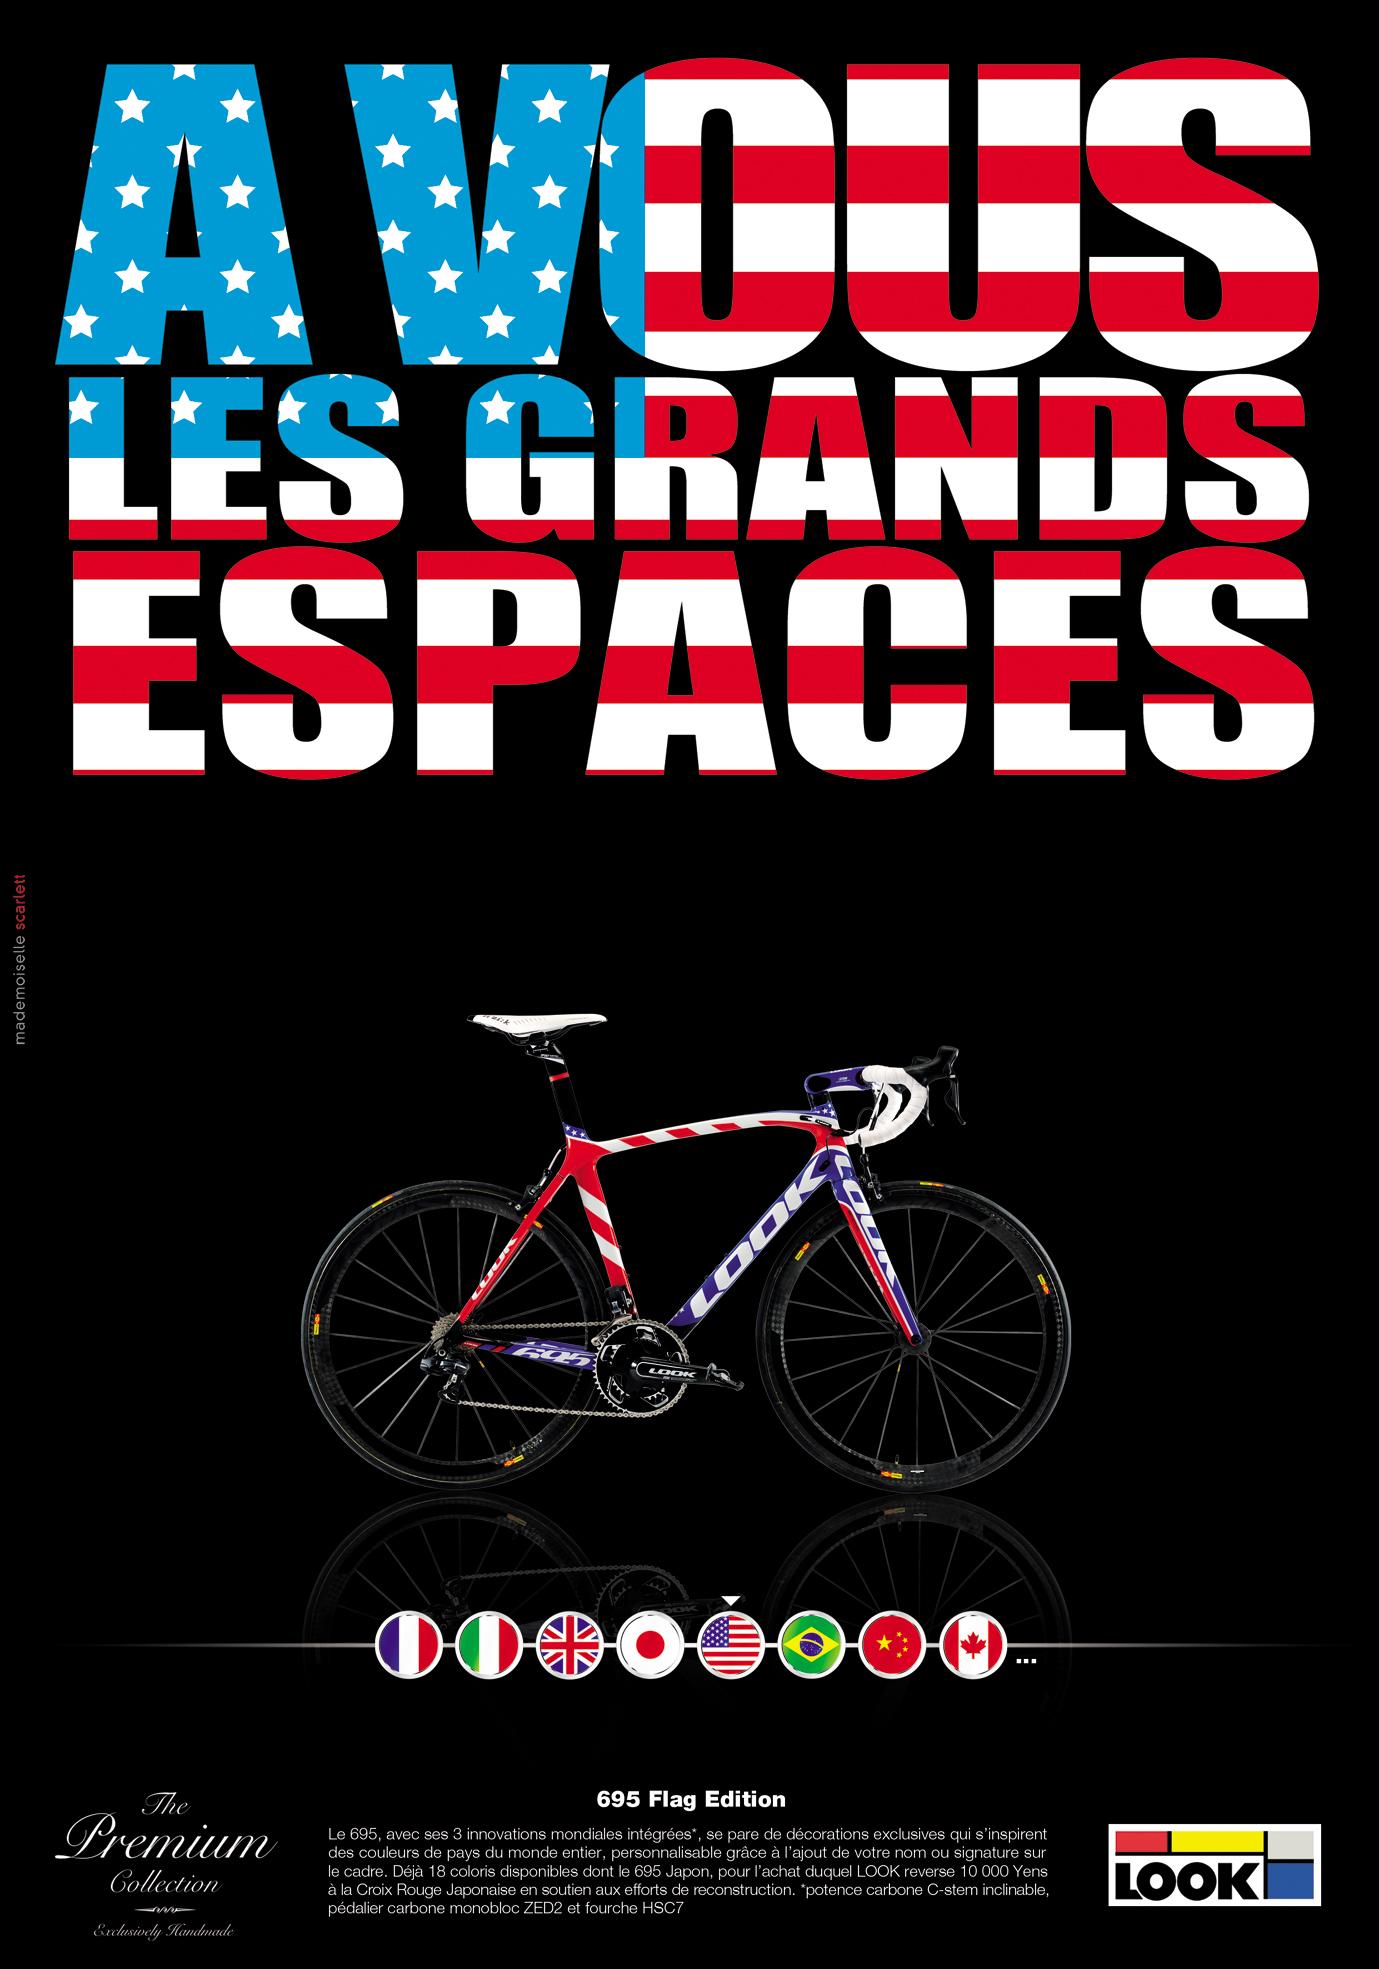 llllitl-look-cycle-international-vélo-bicyclette-publicité-print-drapeaux-royaume-uni-usa-etats-unis-brésil-mademoiselle-scarlett-juillet-2012